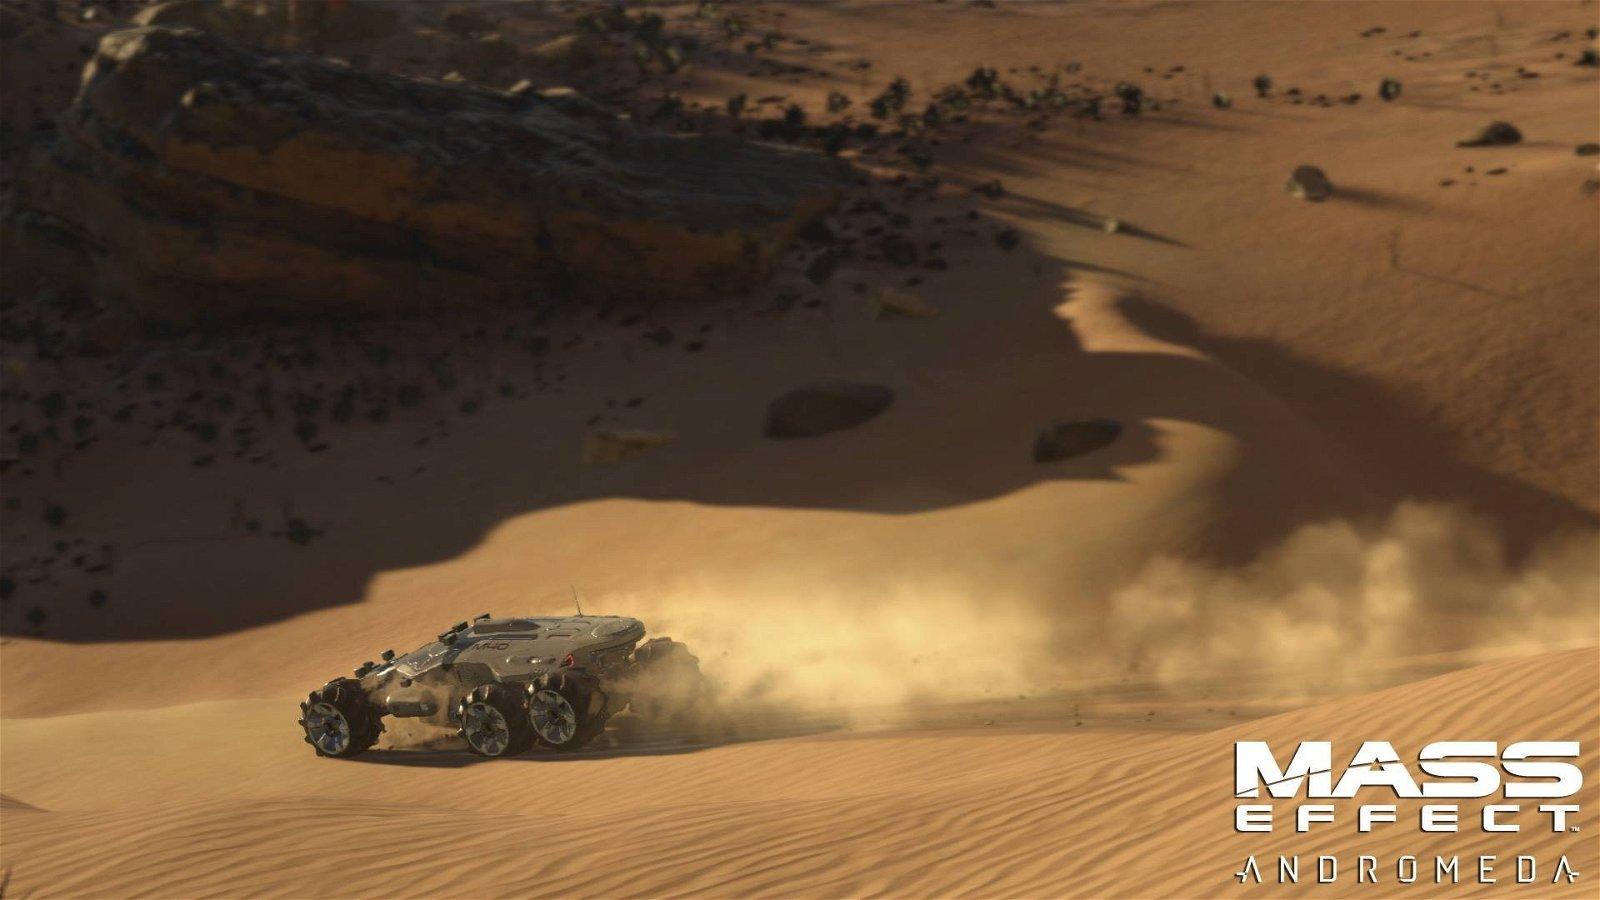 Mass Effect: Andromeda presenta el vehículo todoterreno Nomad en un nuevo vídeo